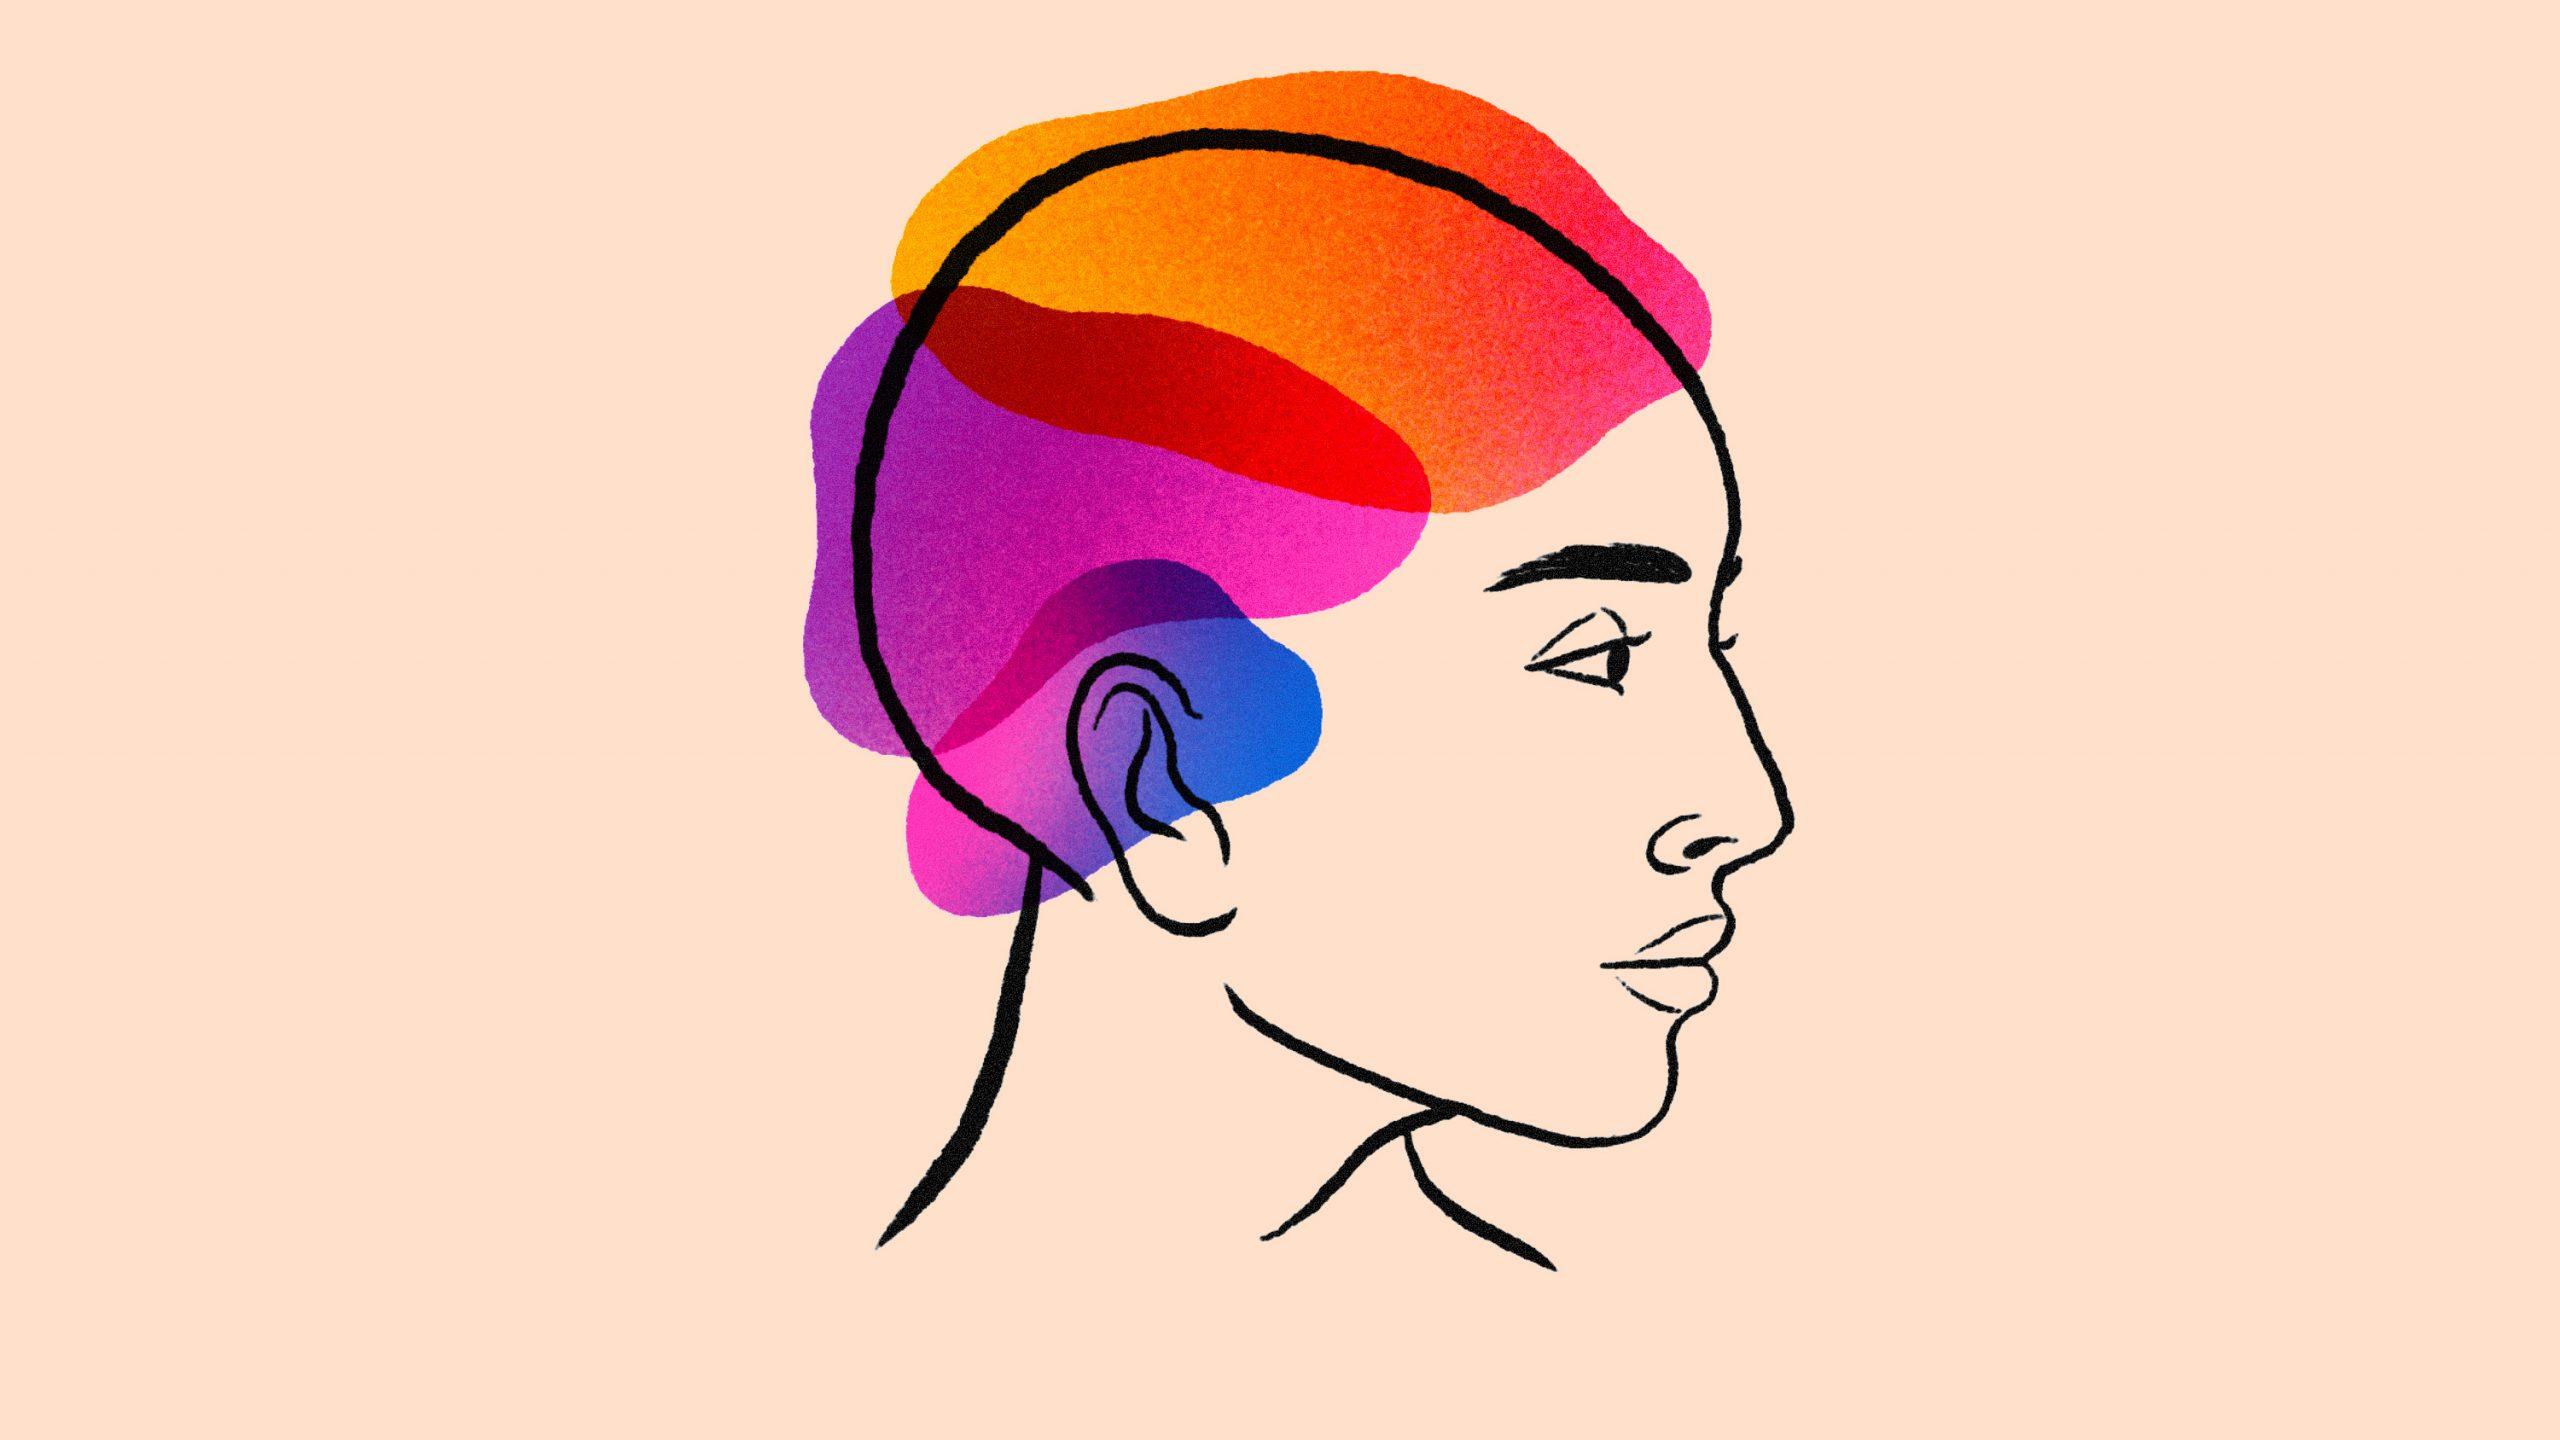 ざっくり分かる:「脳の謎」に挑む最先端研究8つ